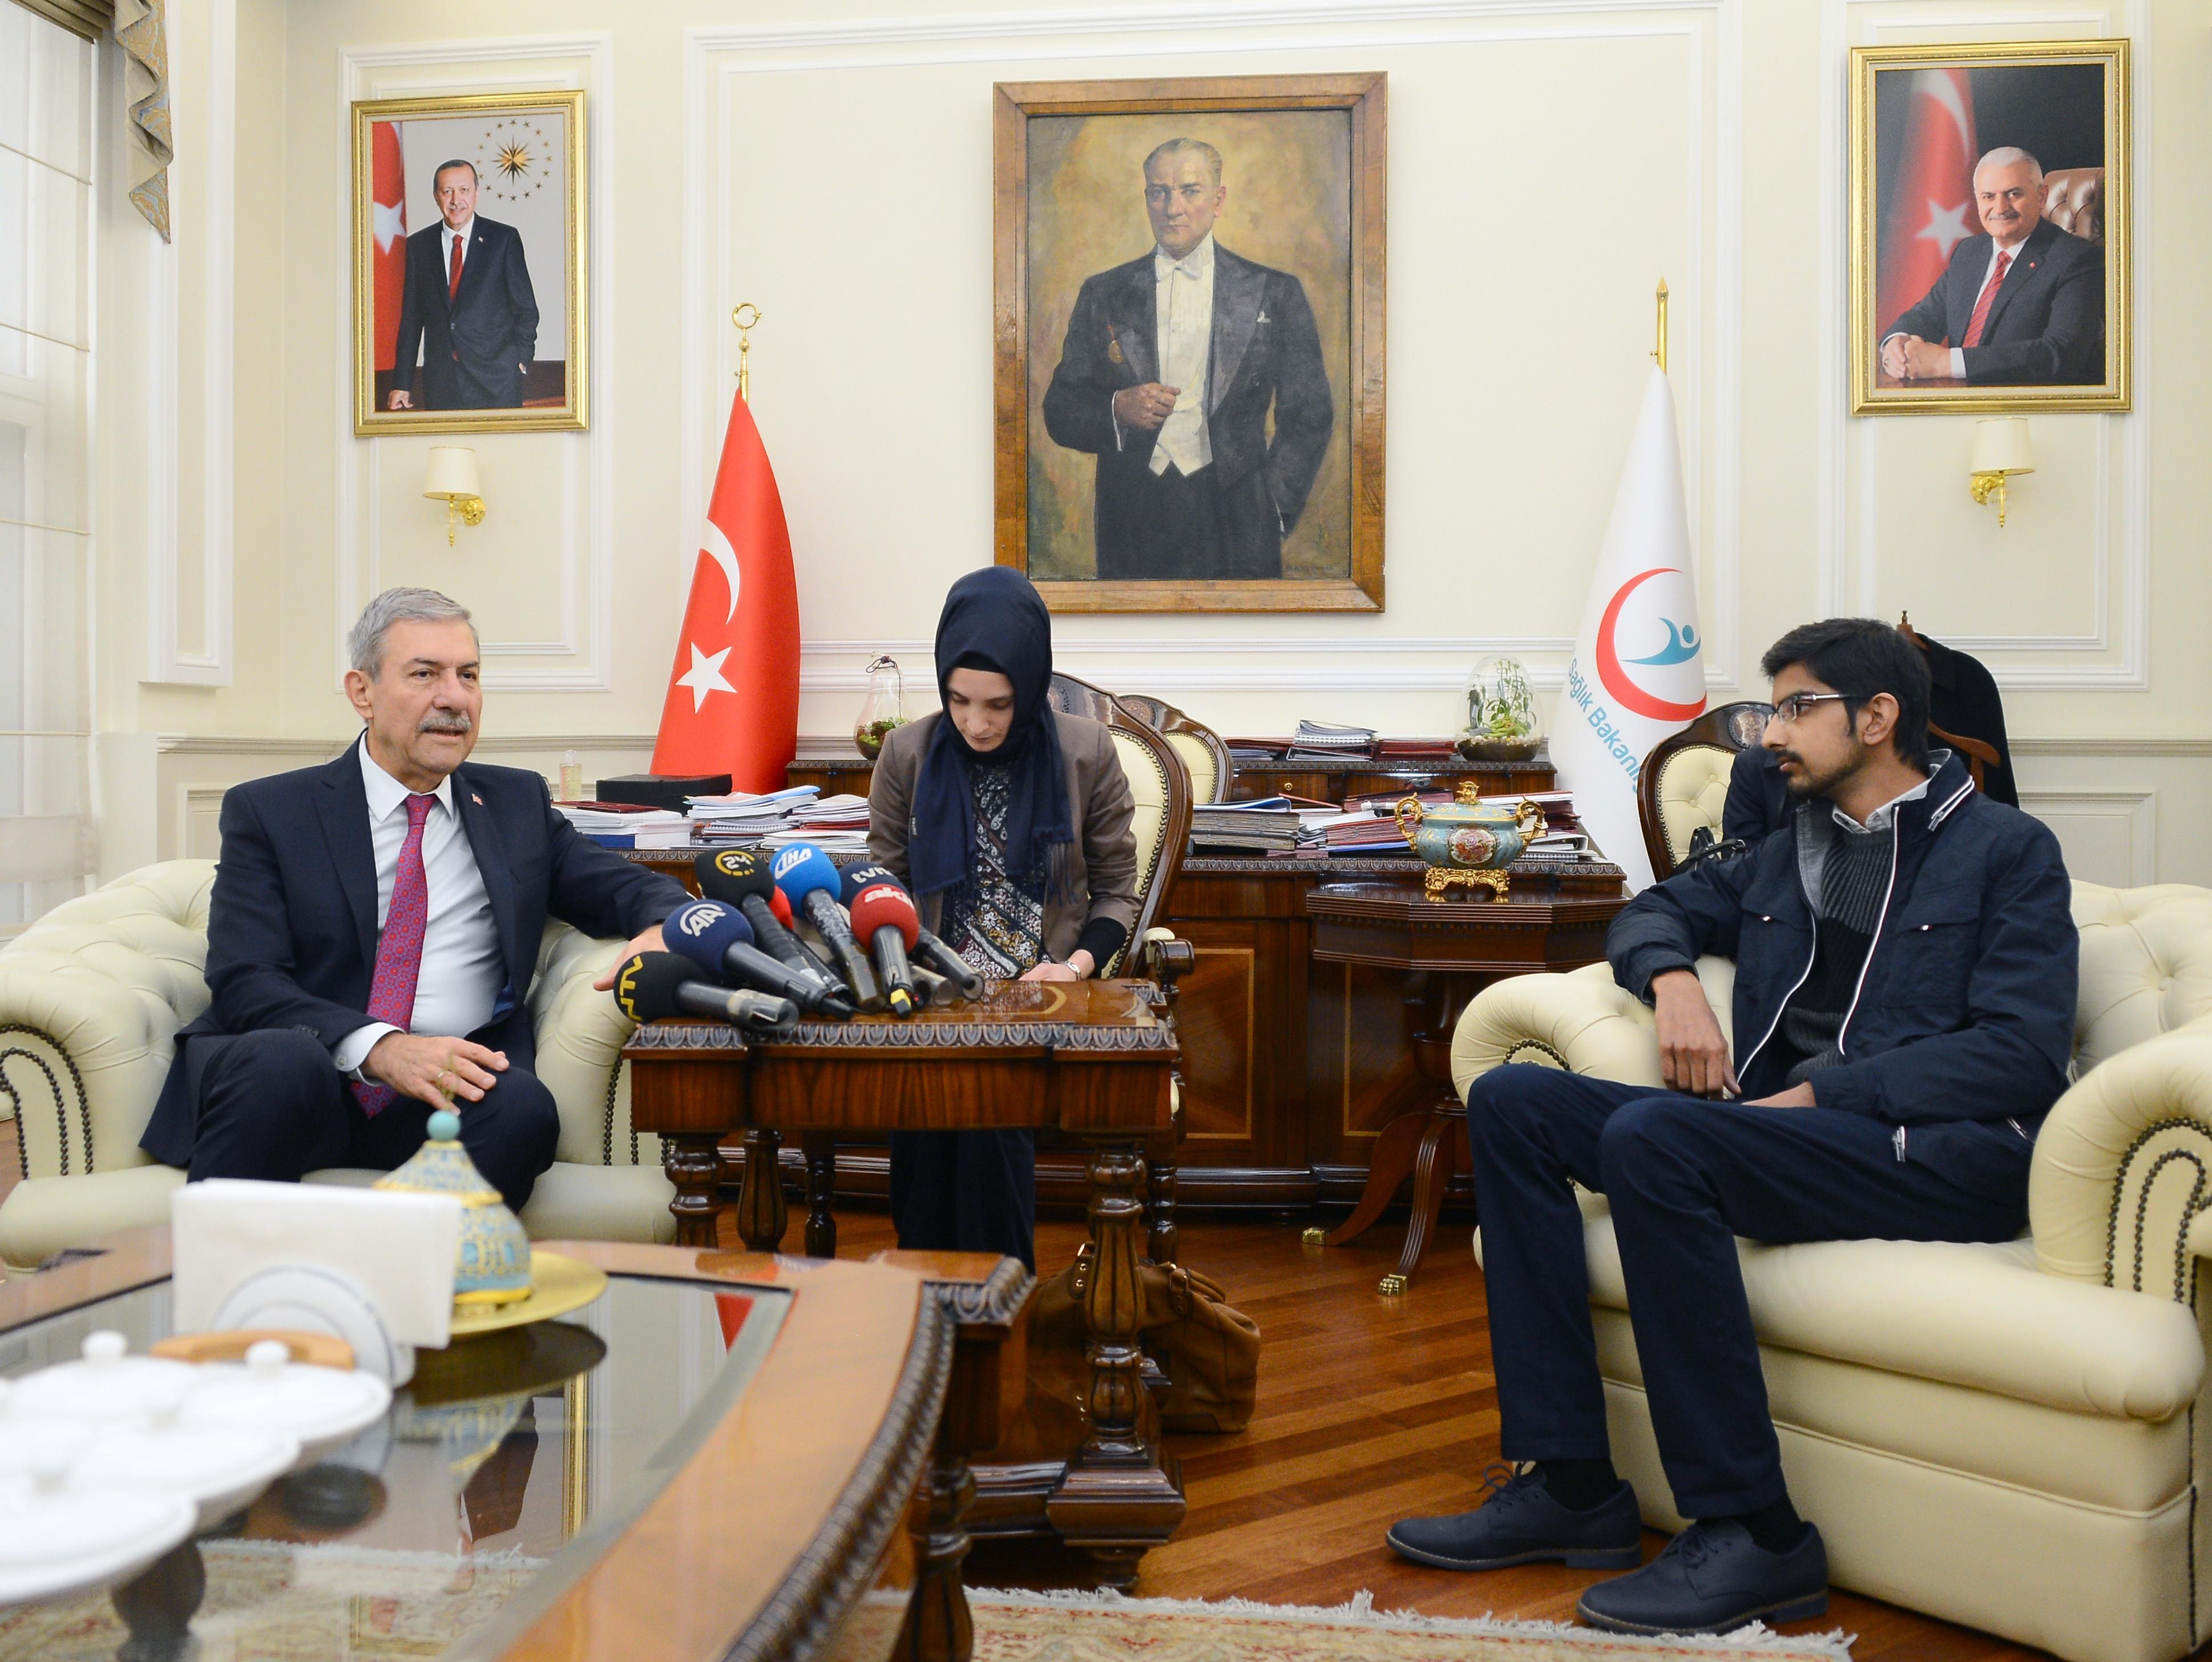 """Sağlık Bakanı Demircan: """"Sağlıktaki tecrübelerimizi Pakistanlı kardeşlerimizle paylaşmaya gayret ediyoruz"""""""